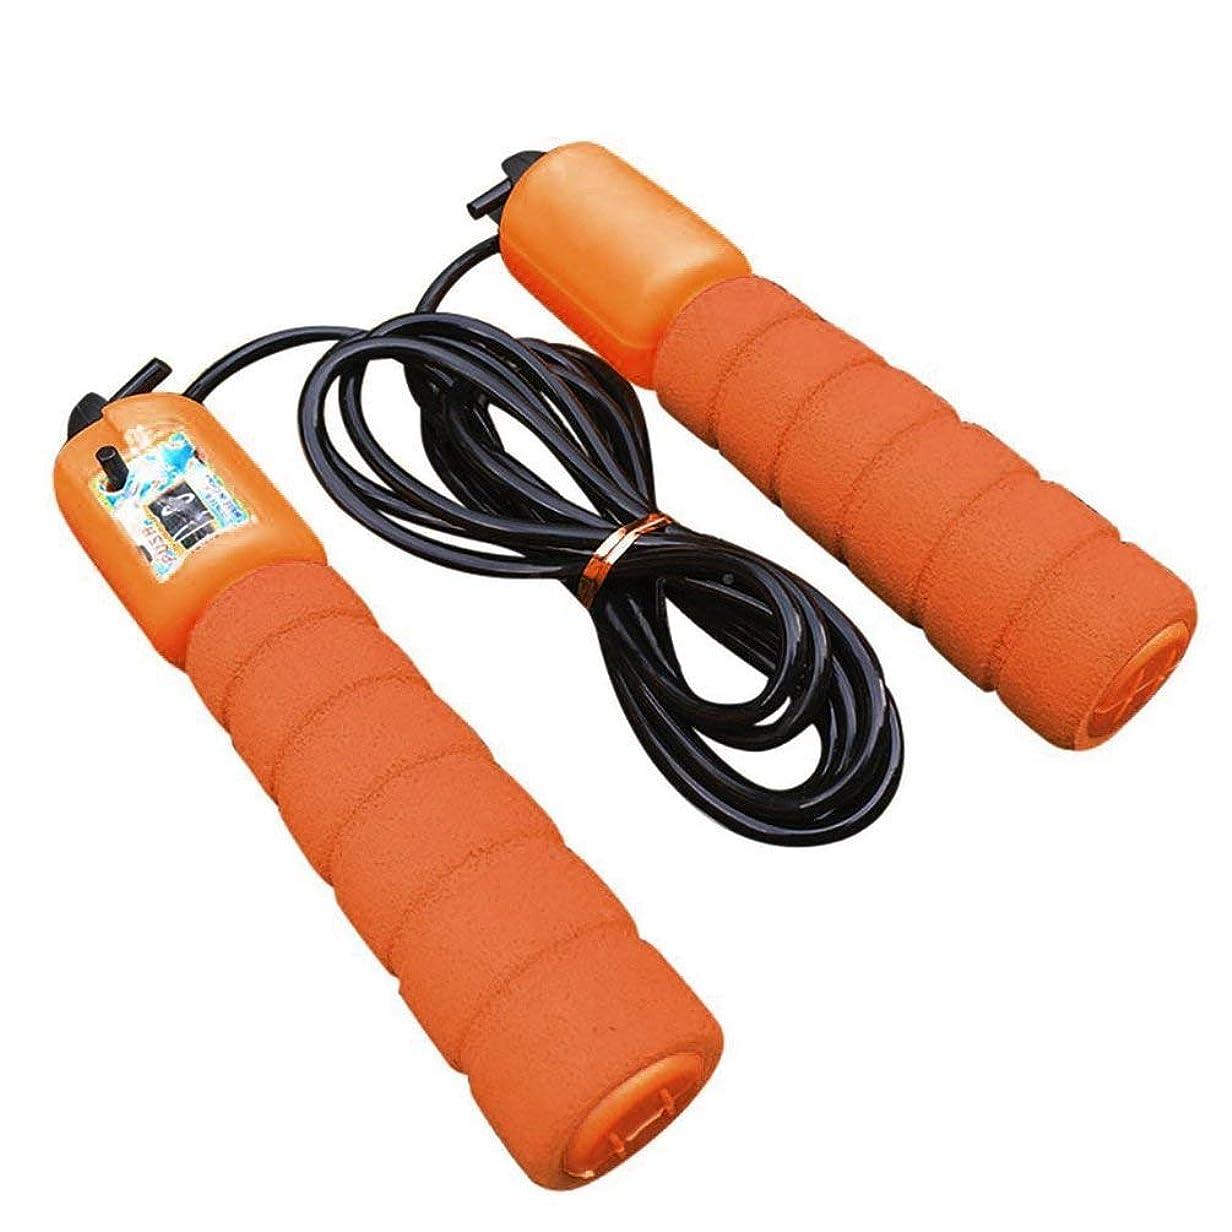 患者補助なぜなら調整可能なプロのカウント縄跳び自動カウントジャンプロープフィットネス運動高速カウントジャンプロープ - オレンジ